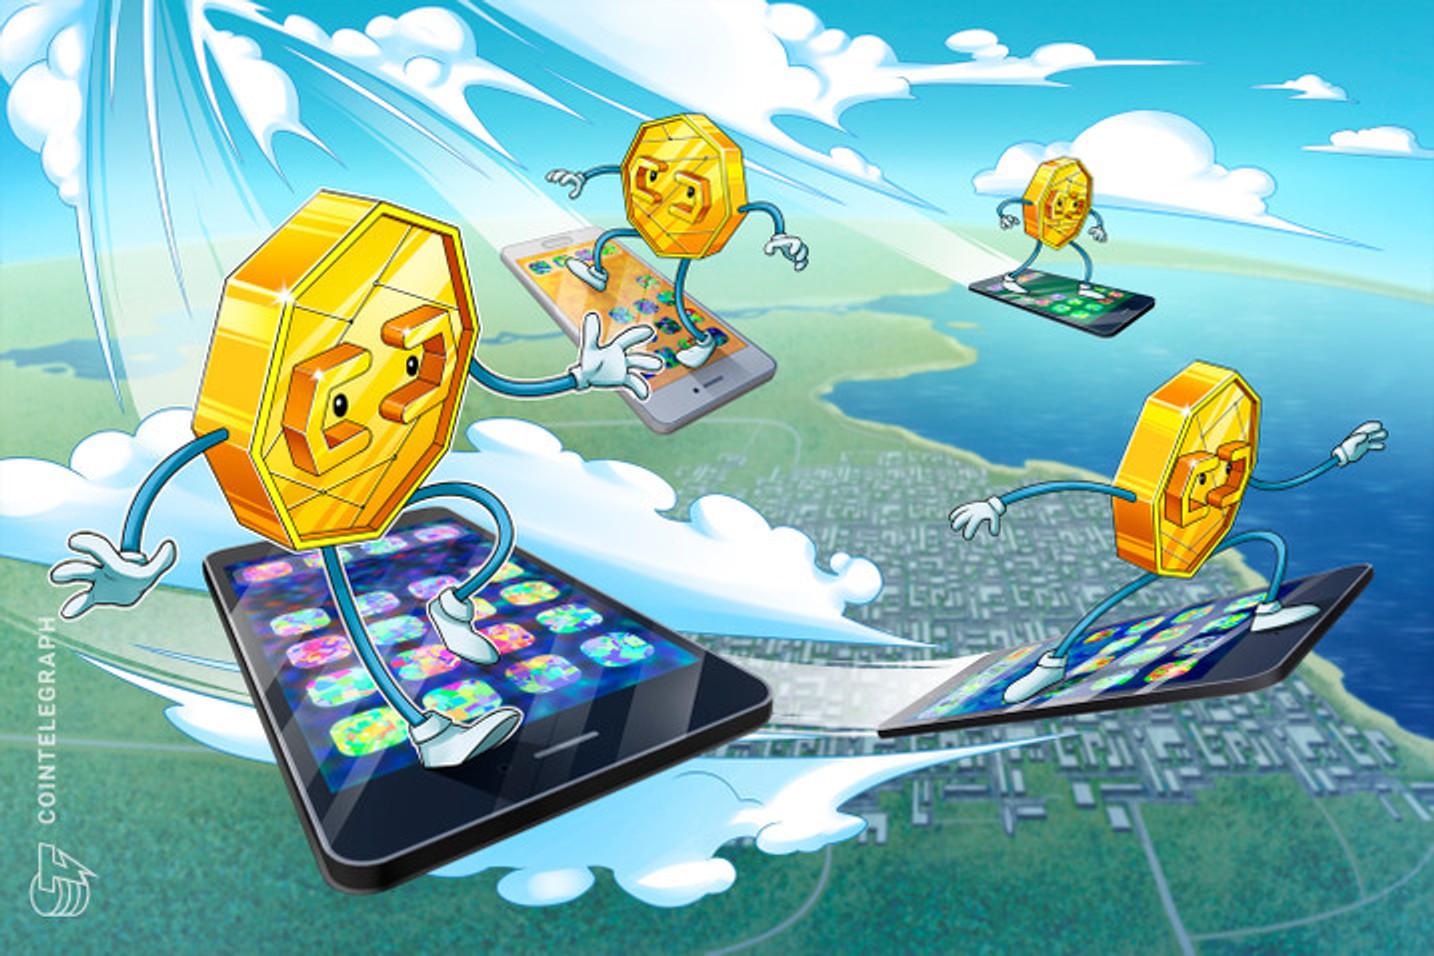 'DeFi Mania': Com negociação em alta, Mercado Bitcoin anuncia lançamento de 7 tokens DeFi em plataforma